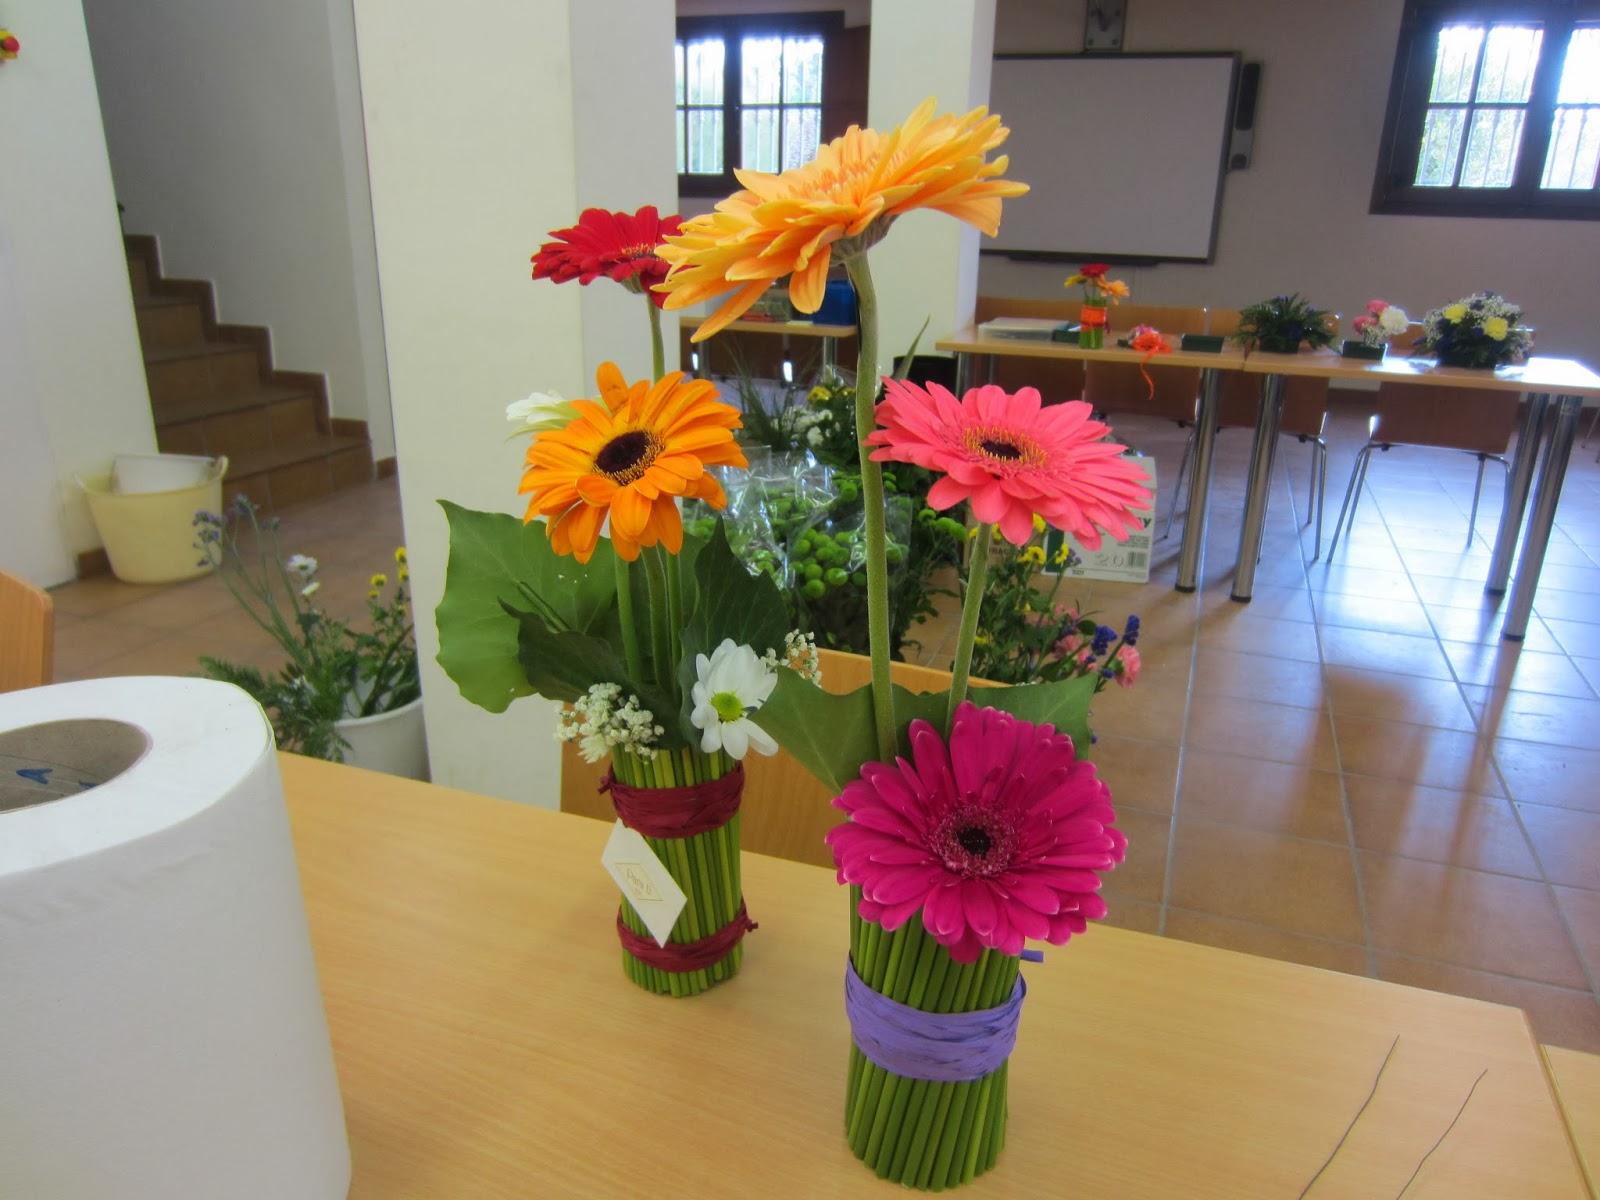 Escuela municipal de jardiner a el pinar adorno floral for Escuela de jardineria